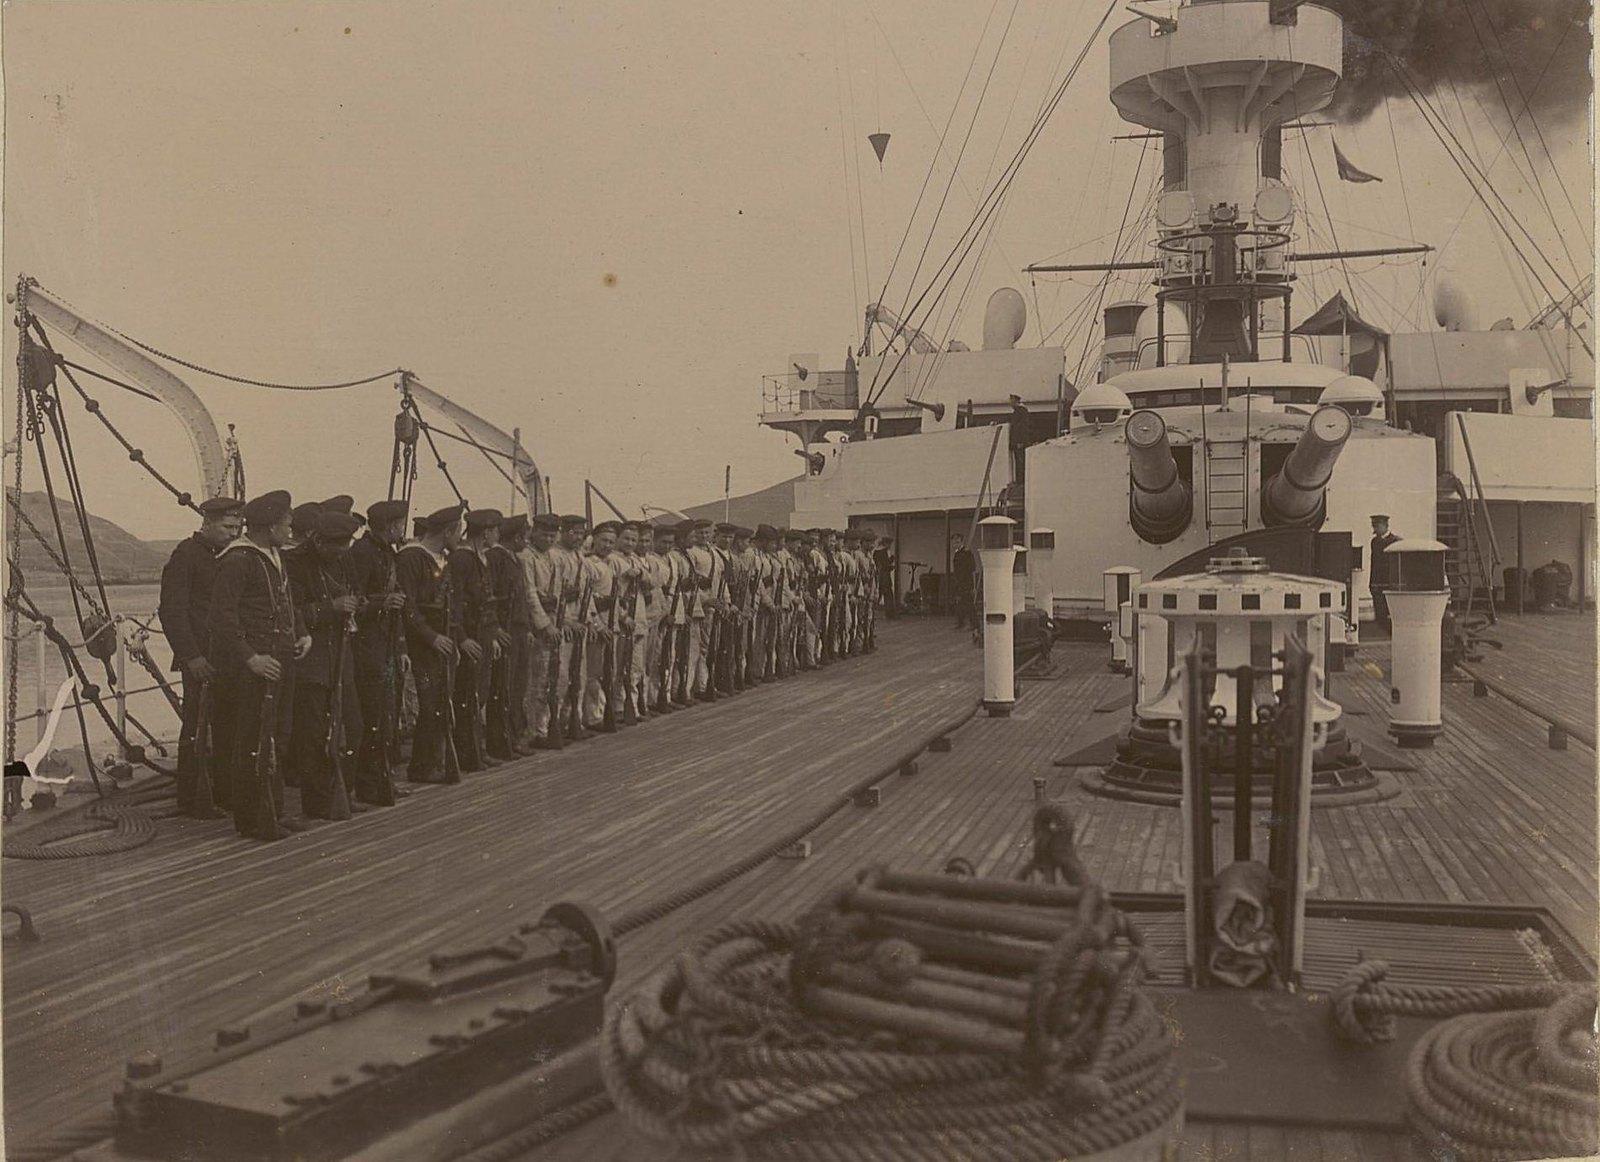 19. Построение матросов на палубе корабля. 1901